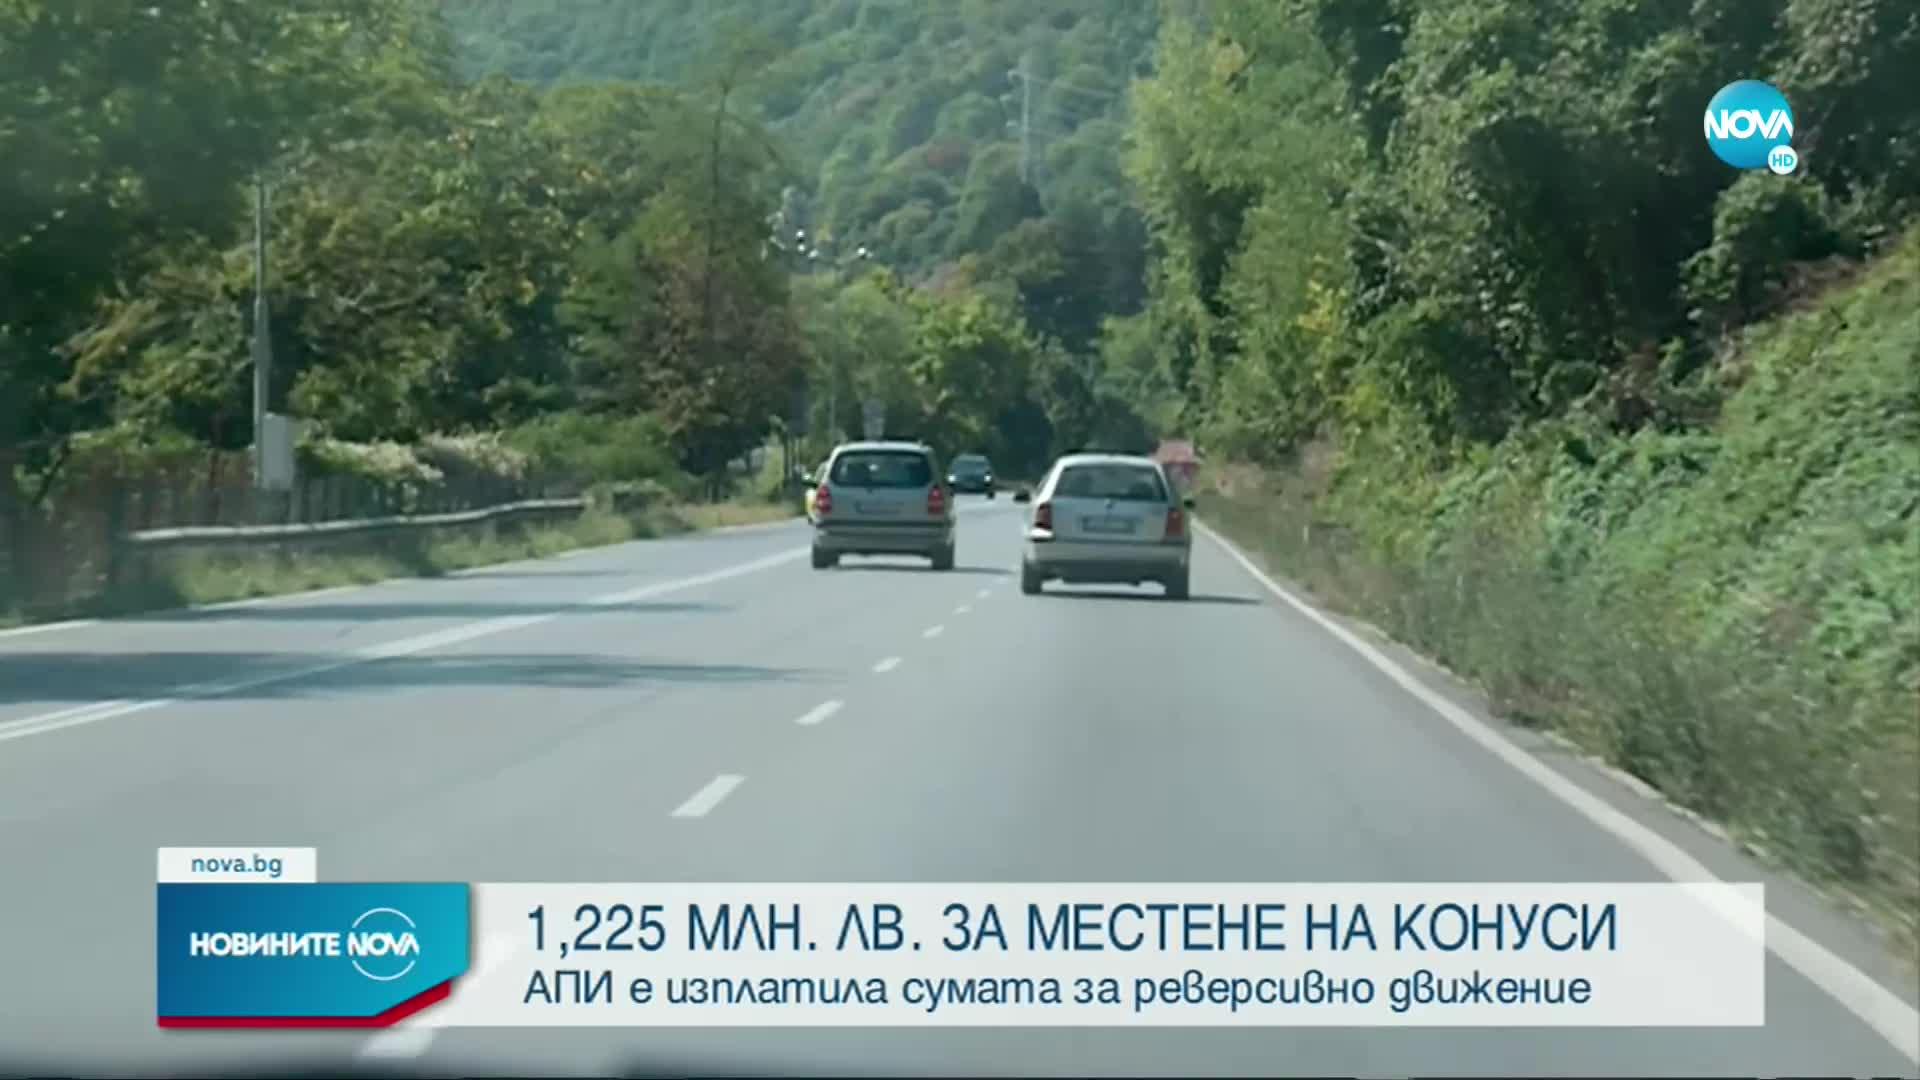 От АПИ са платили над 1 млн. лв. за местене на конуси и пътни знаци